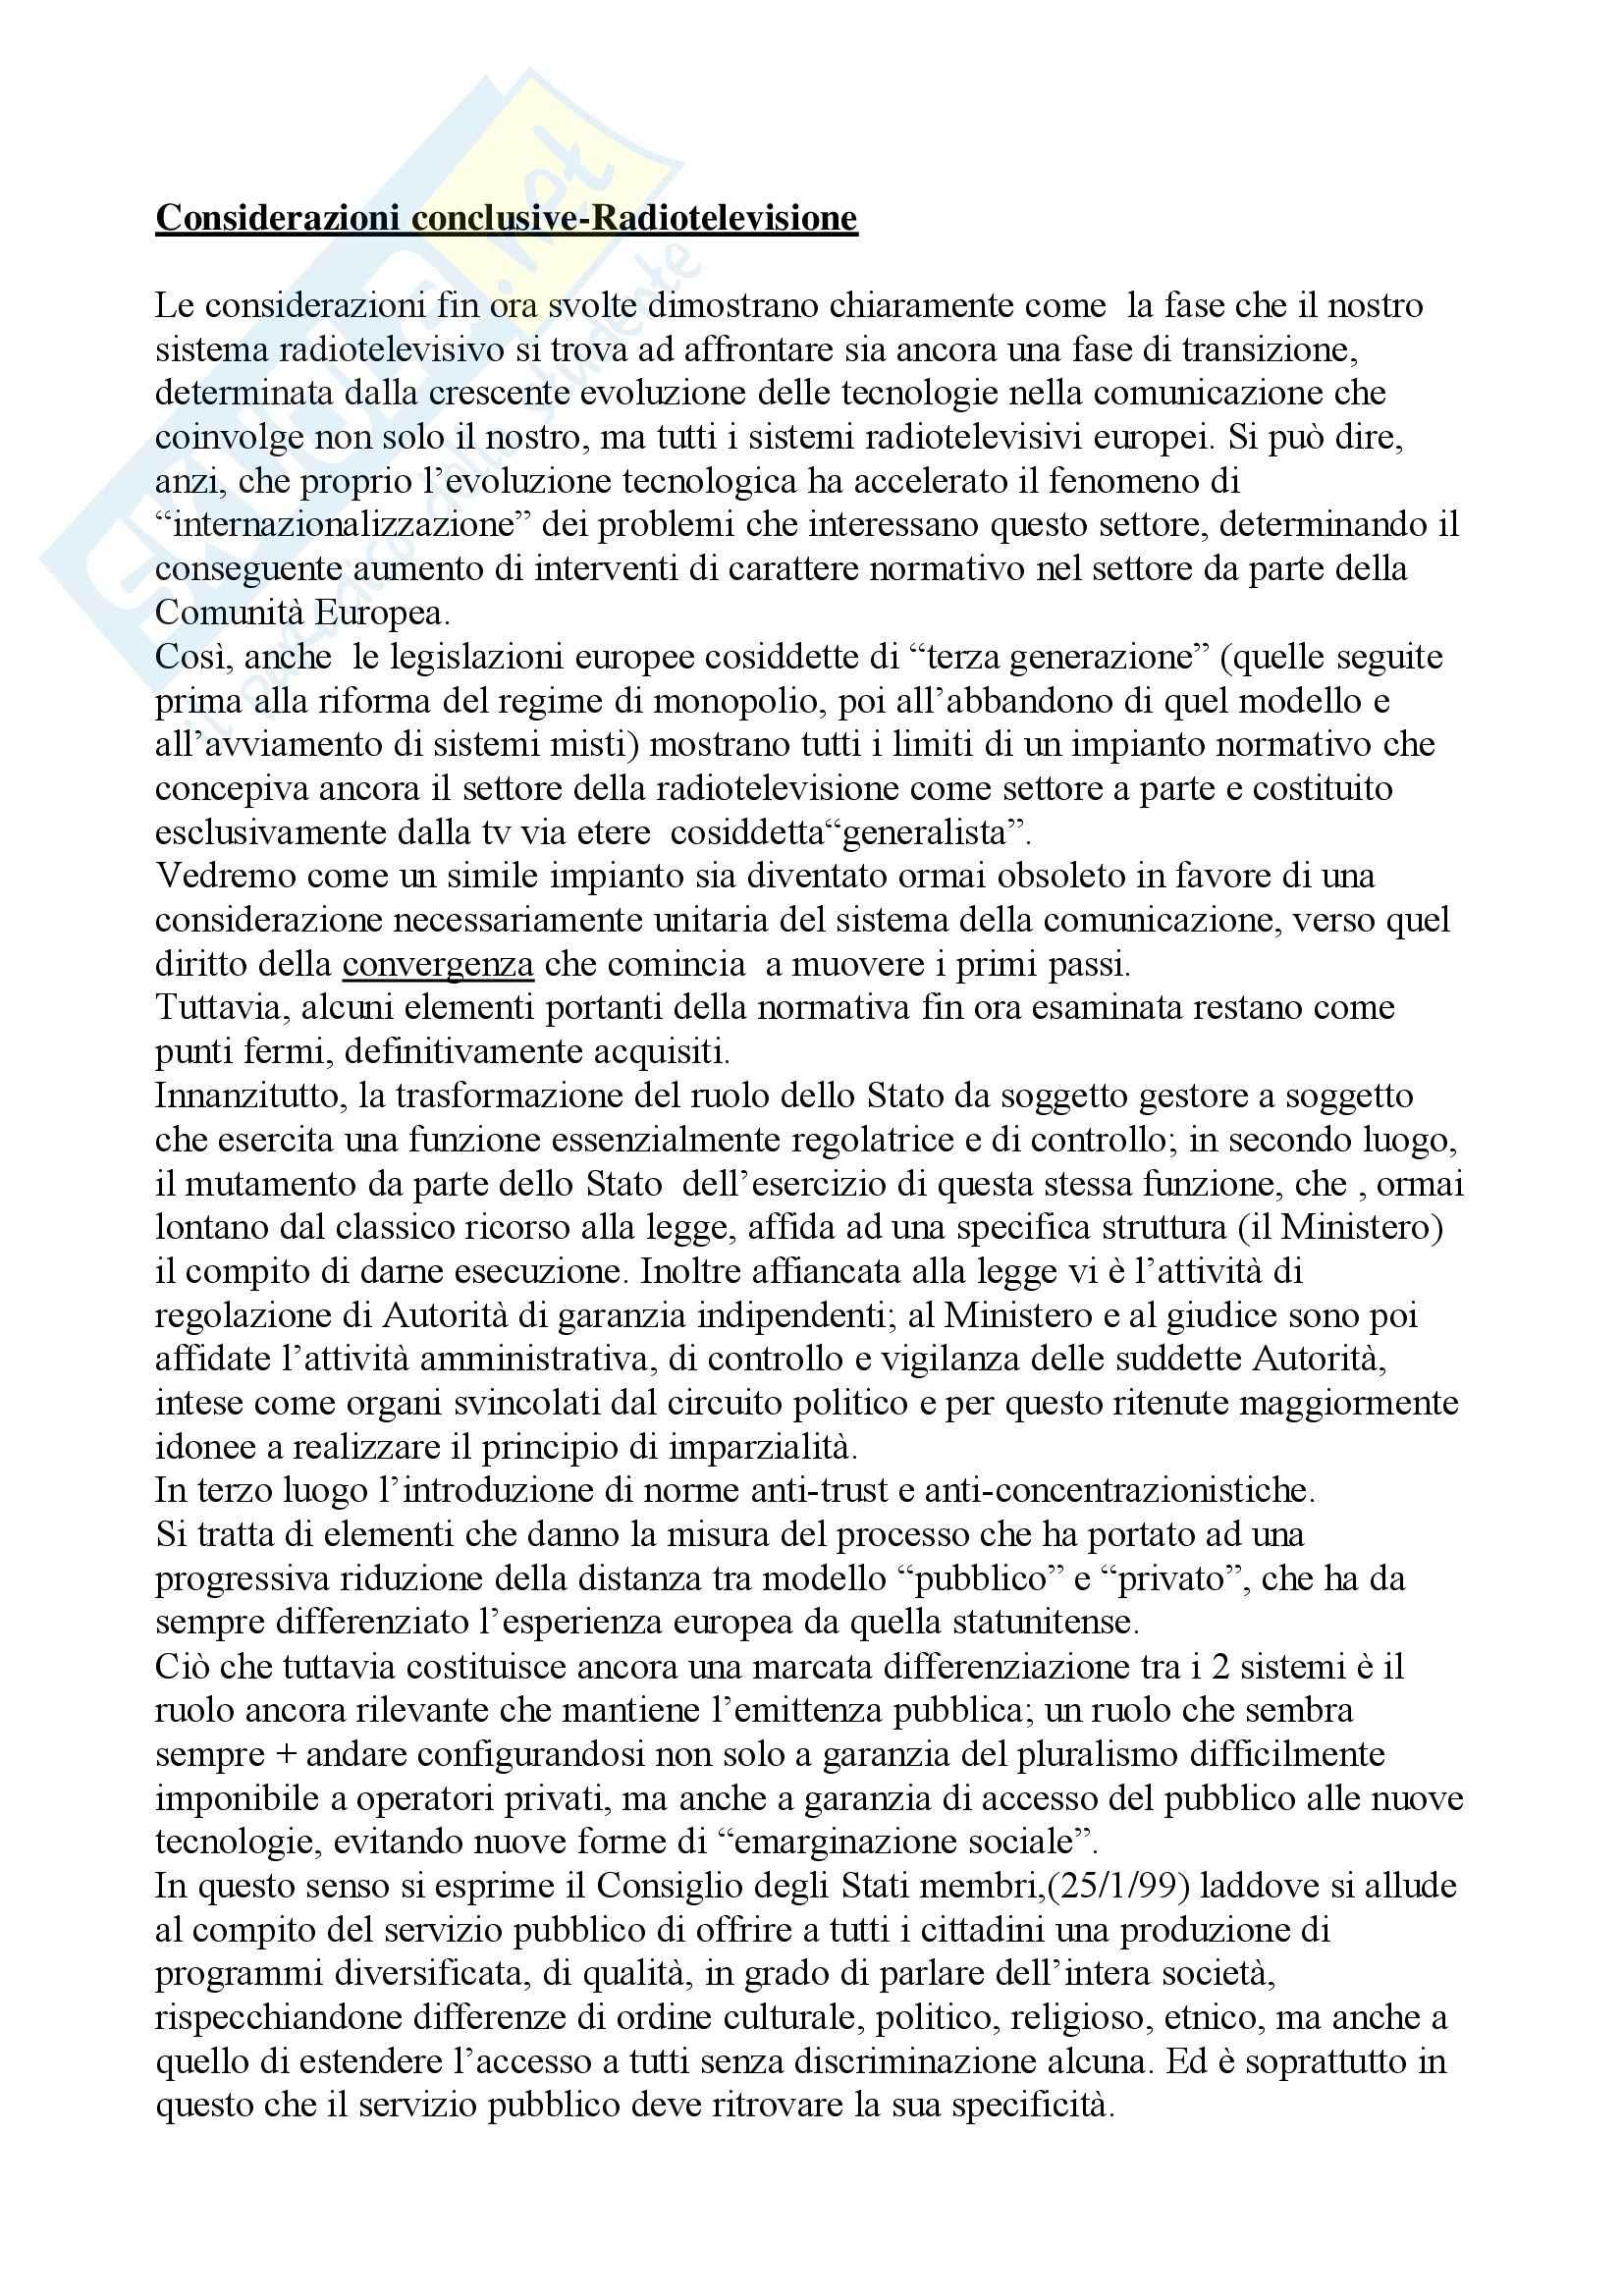 Diritto dell'informazionee della comunicazione – Radiotelevisione